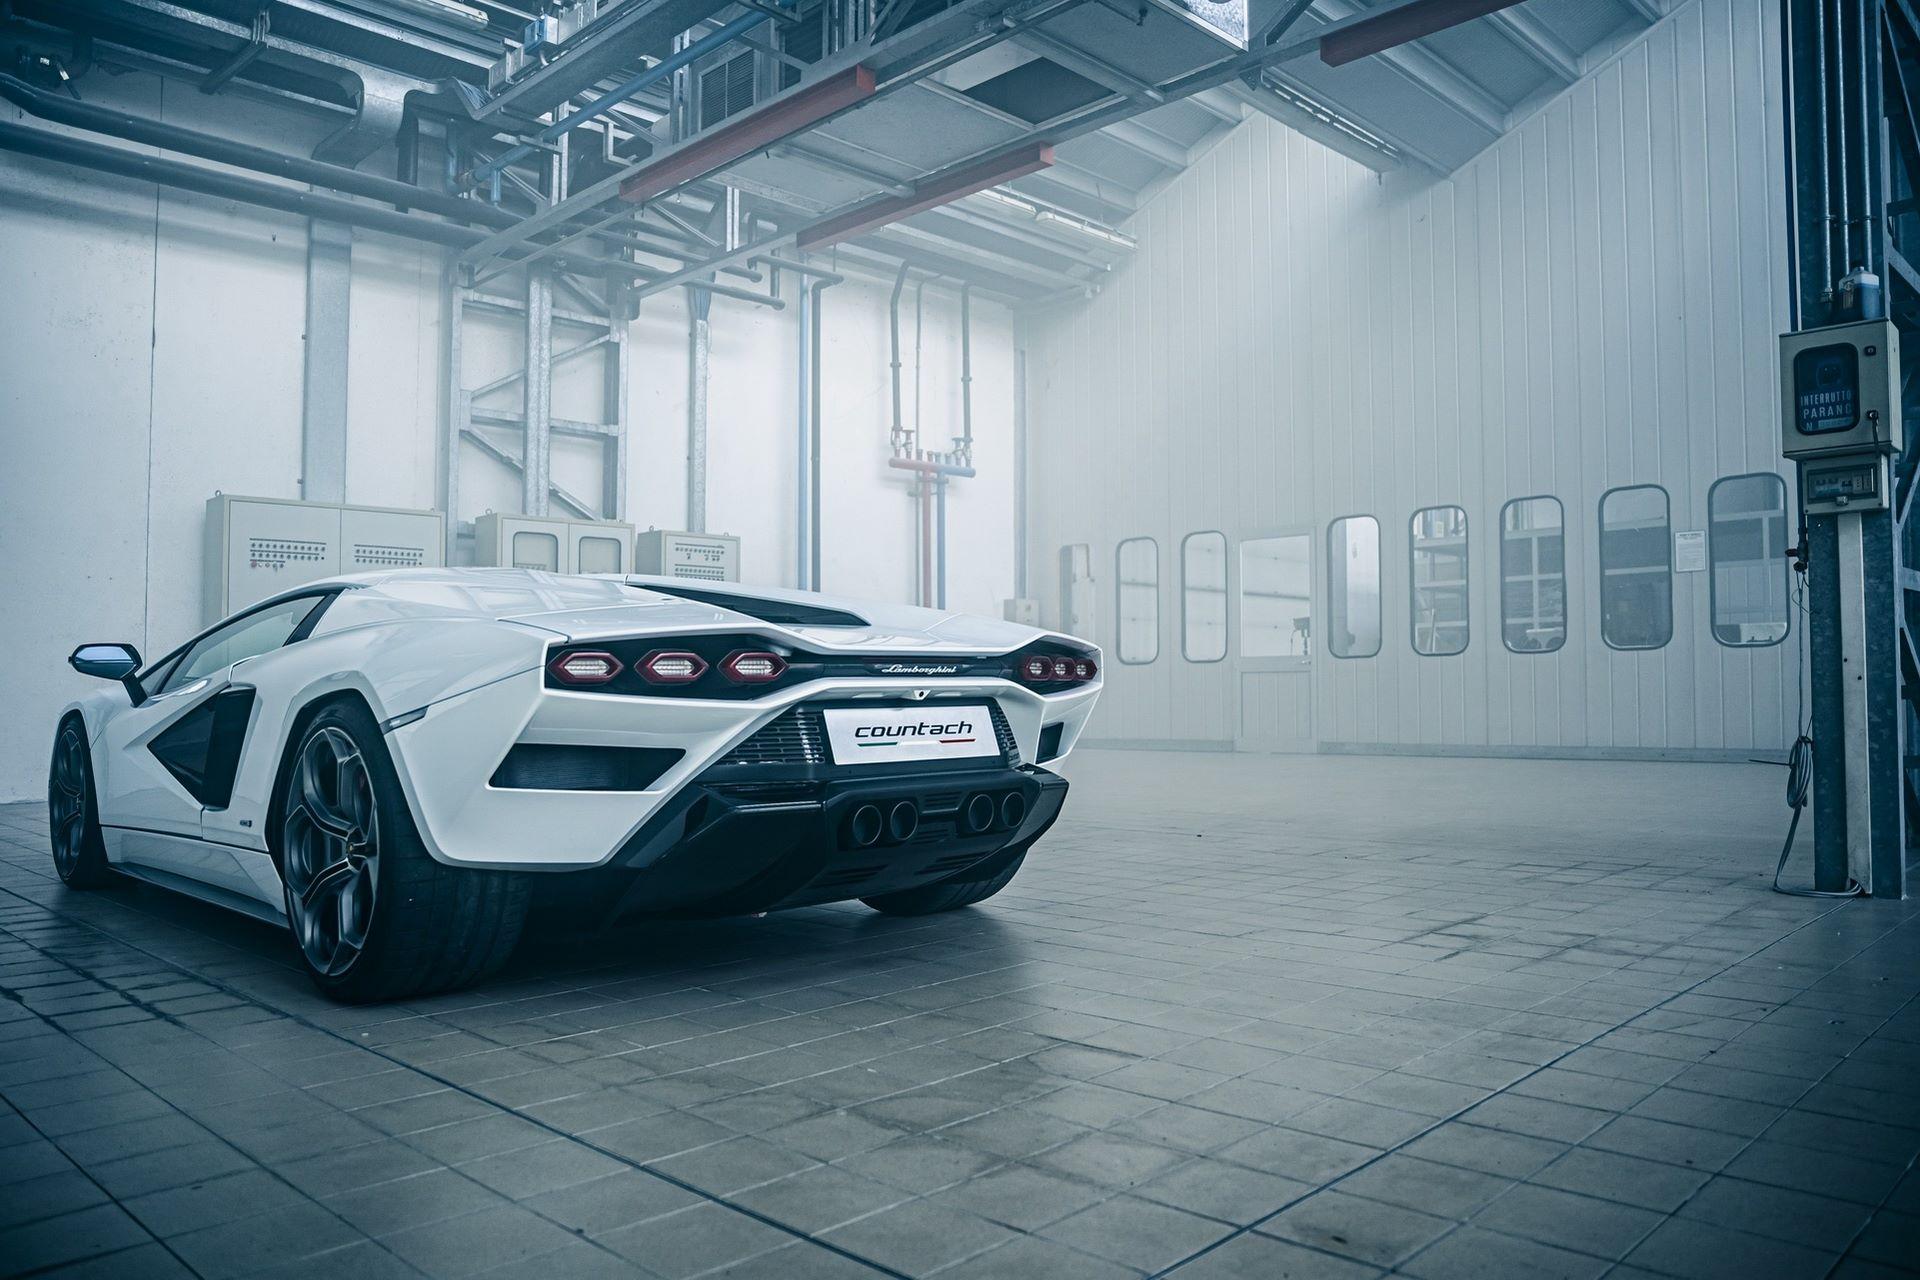 Lamborghini-Countach-LPI-800-4-43